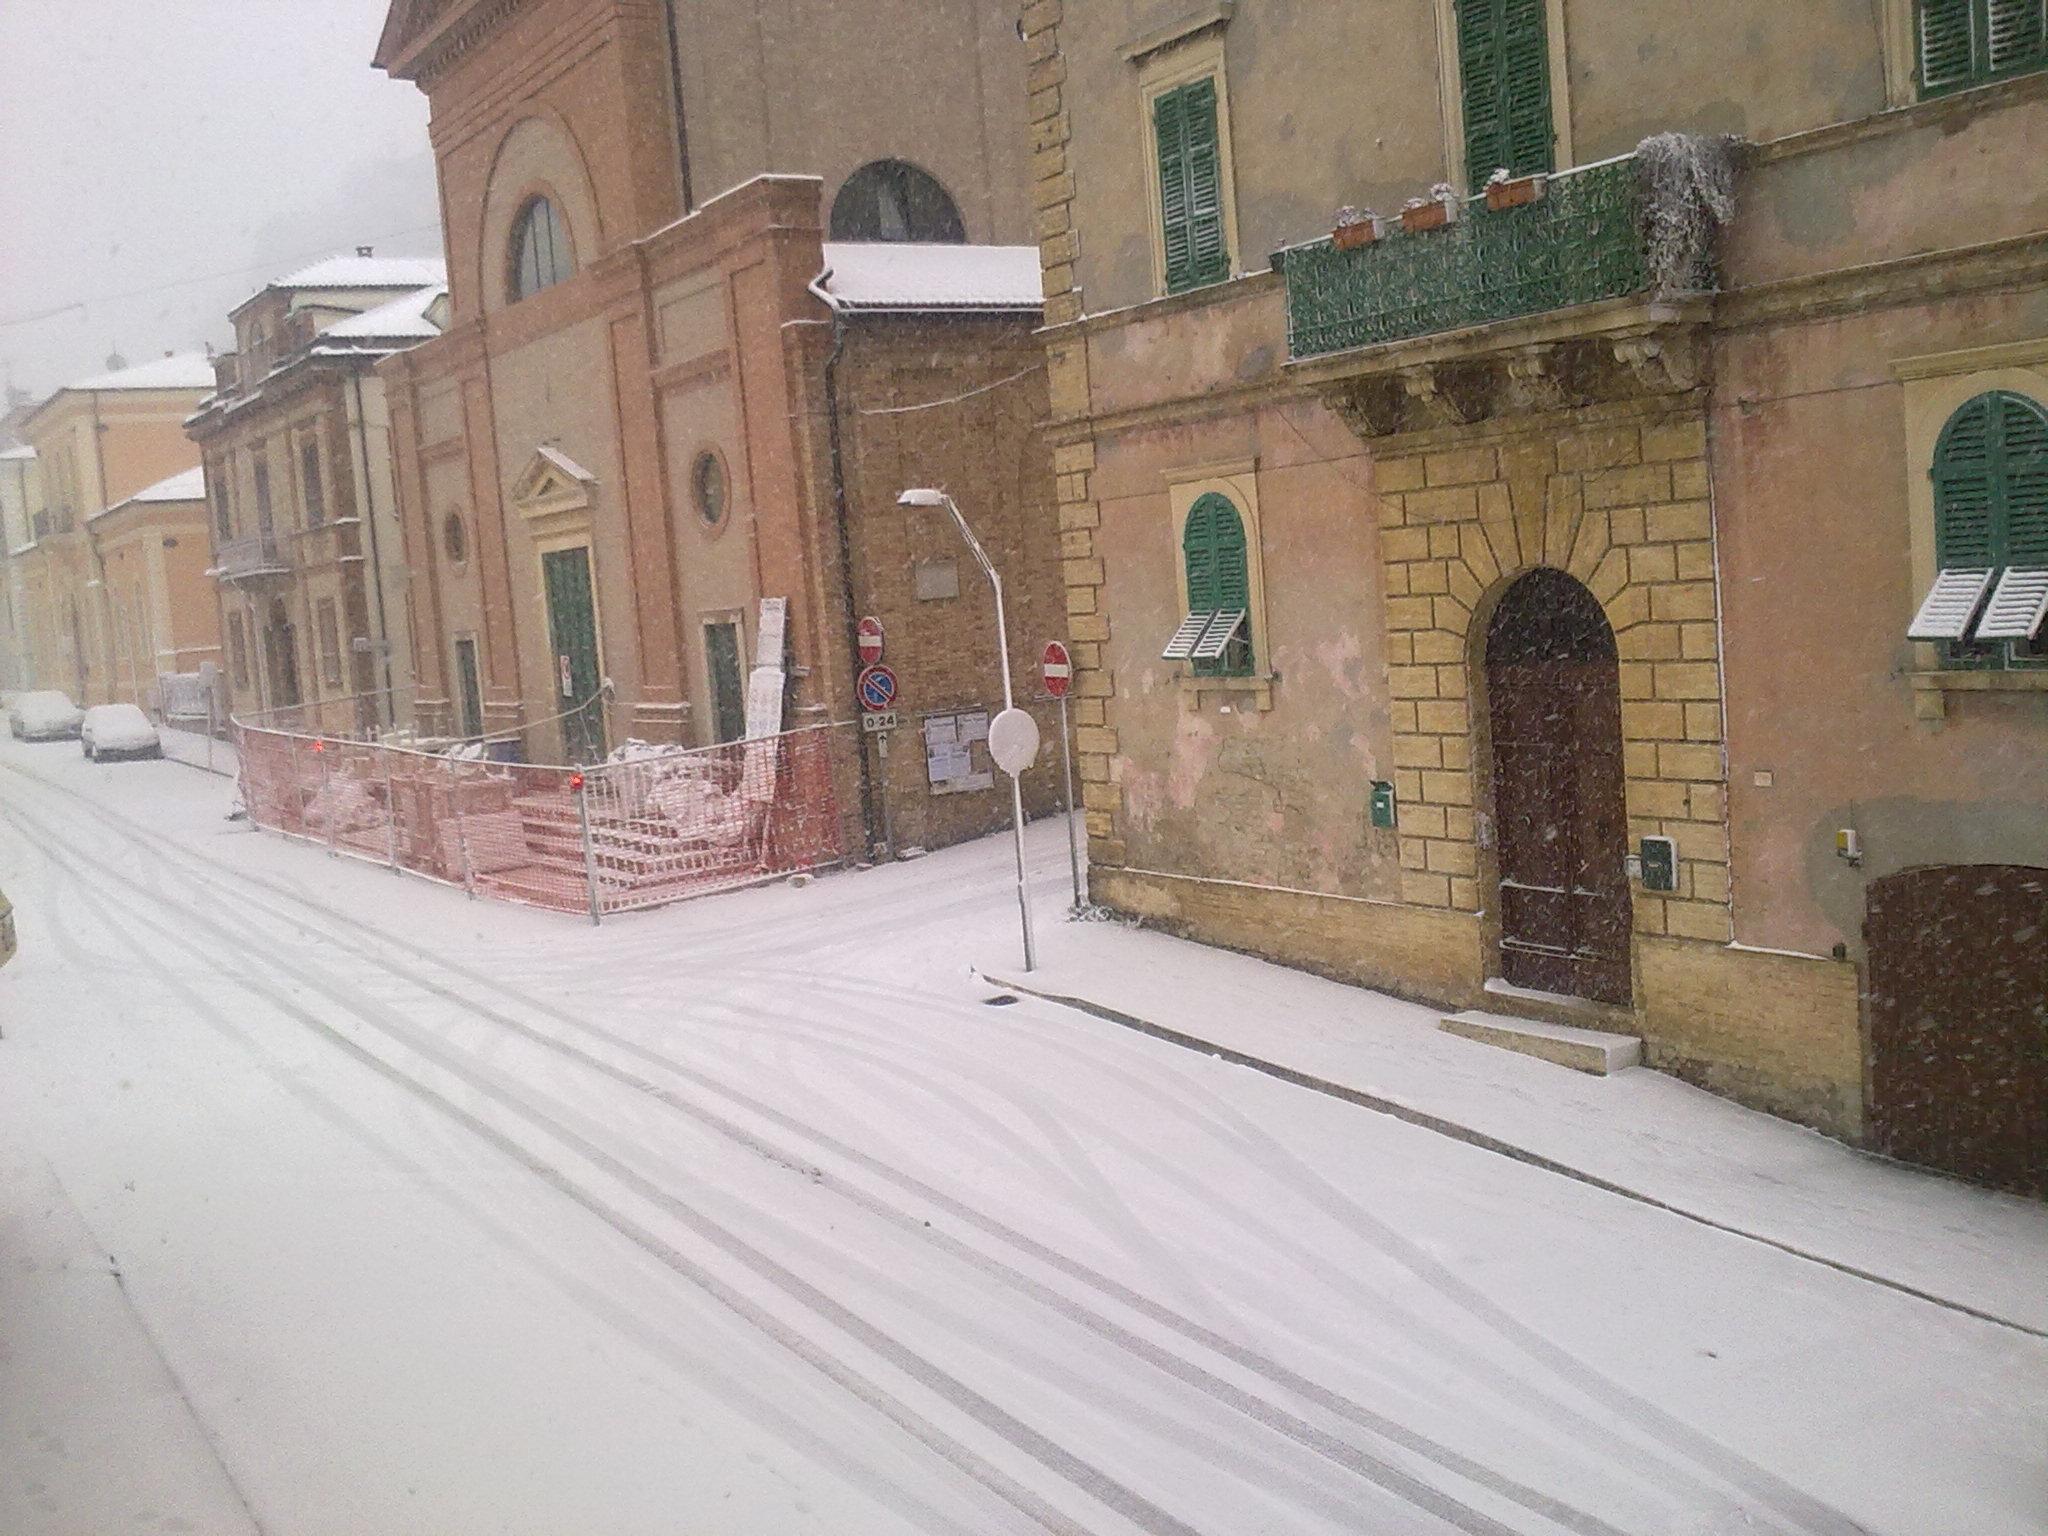 Neve a Cupra Marittima, 3 febbraio 2012 (foto di Stefania Reginella)